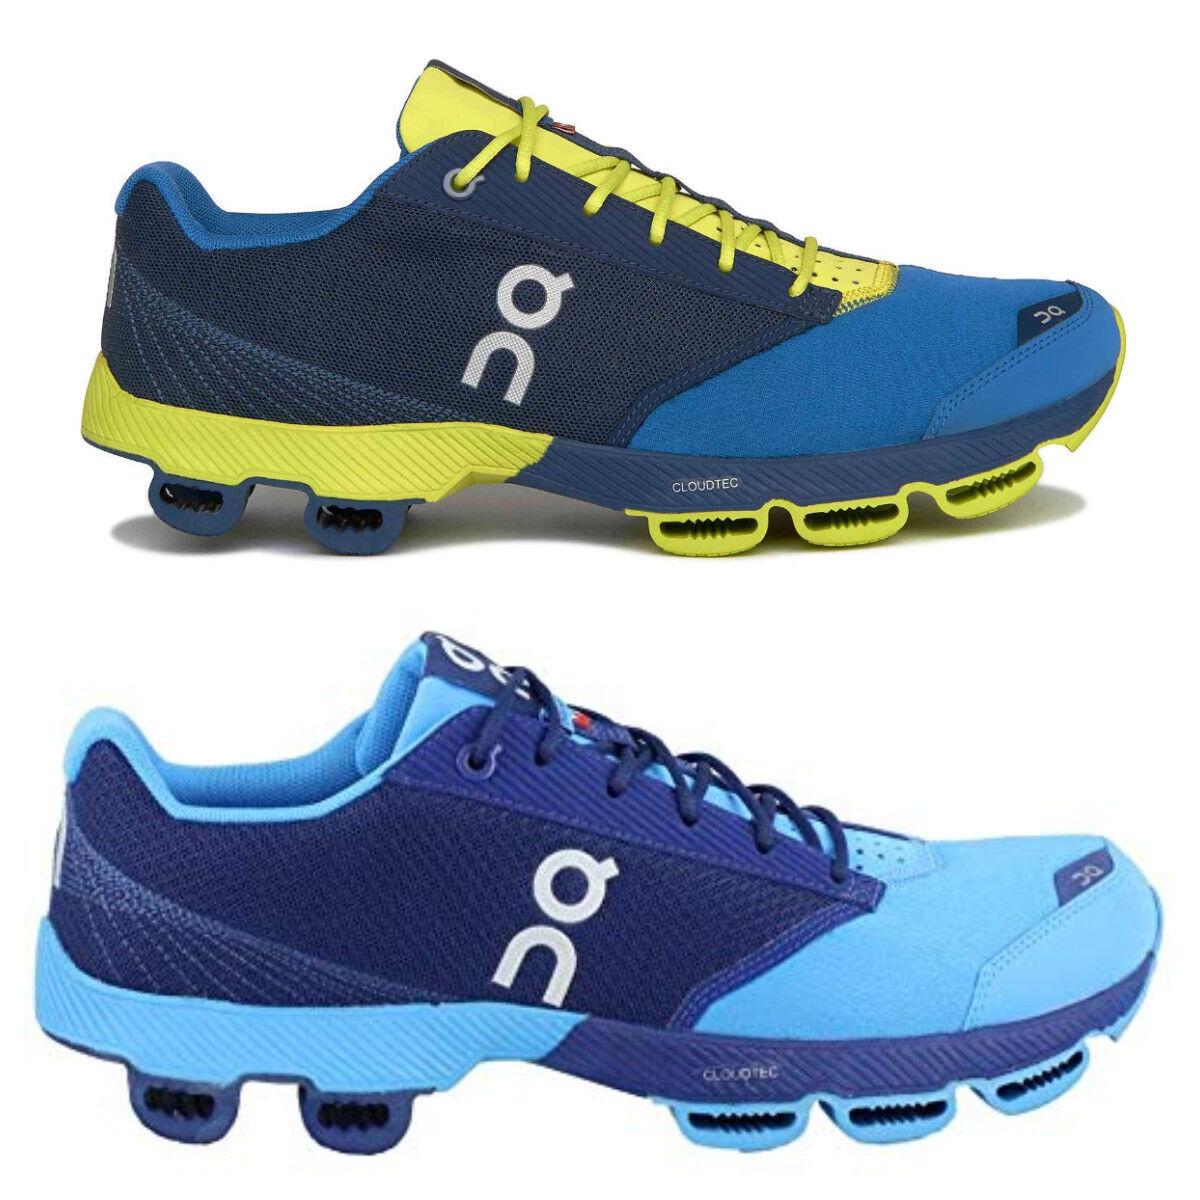 On Running Running Cloudster Herren Laufschuhe Blau Gelb Running Running Schuhe Freizeit NEU 8db1e4